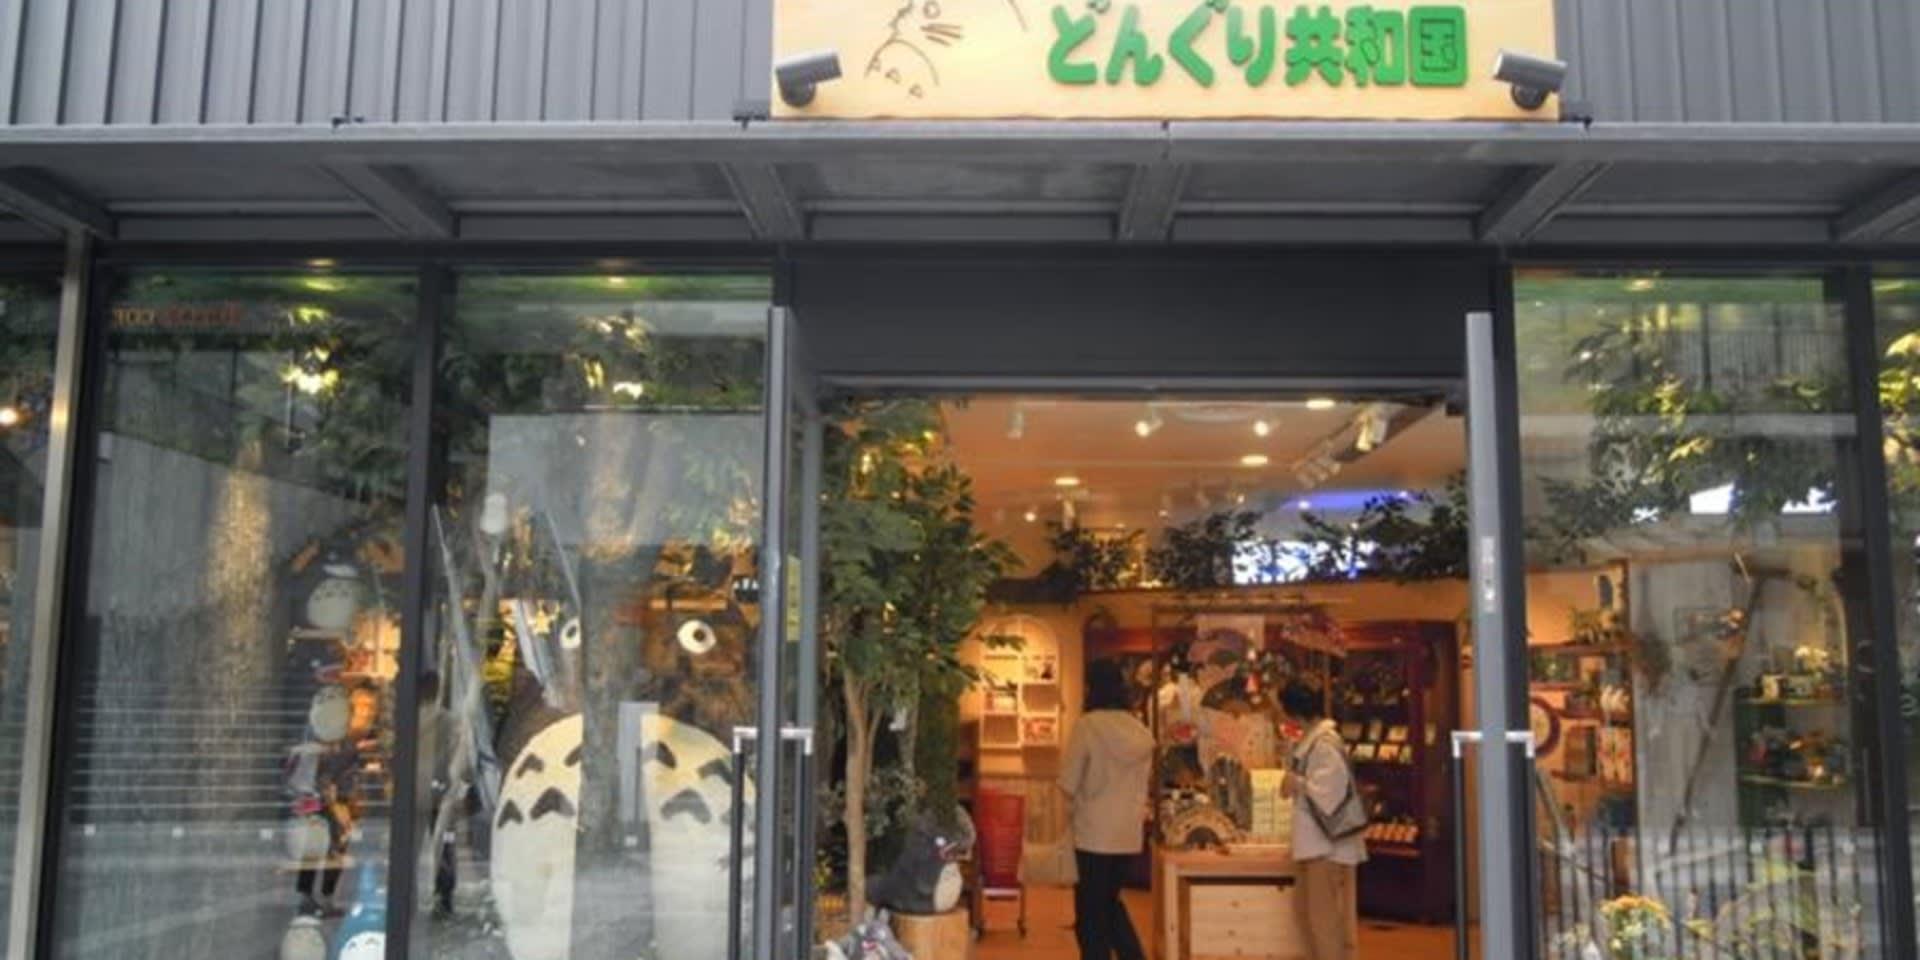 日本動畫的代表吉卜力,一定要買個幾樣回家啊!(圖片來源:https://goo.gl/pN4rnb)